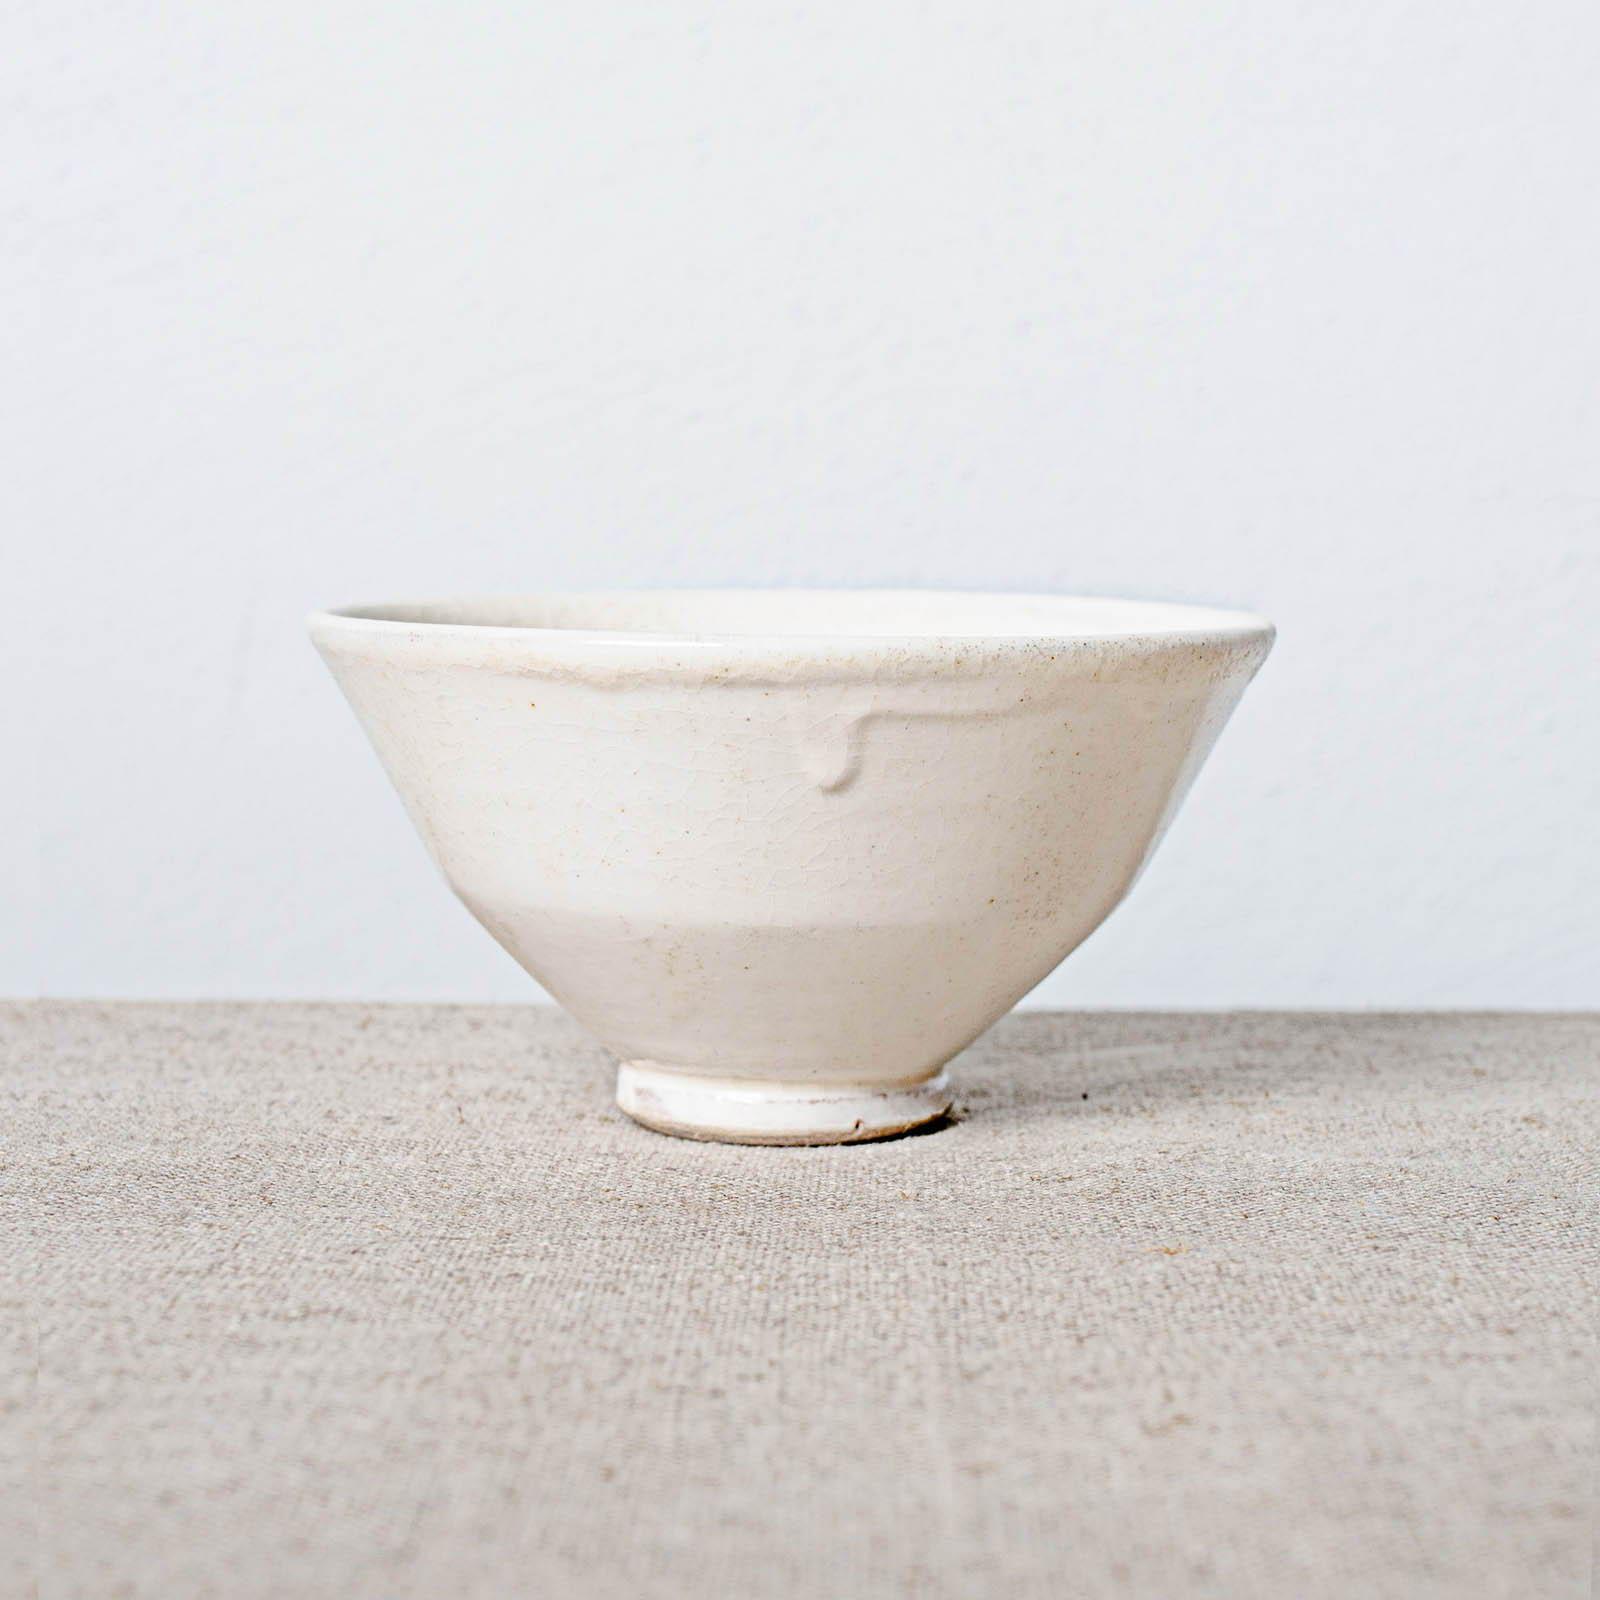 glazed stoneware cup